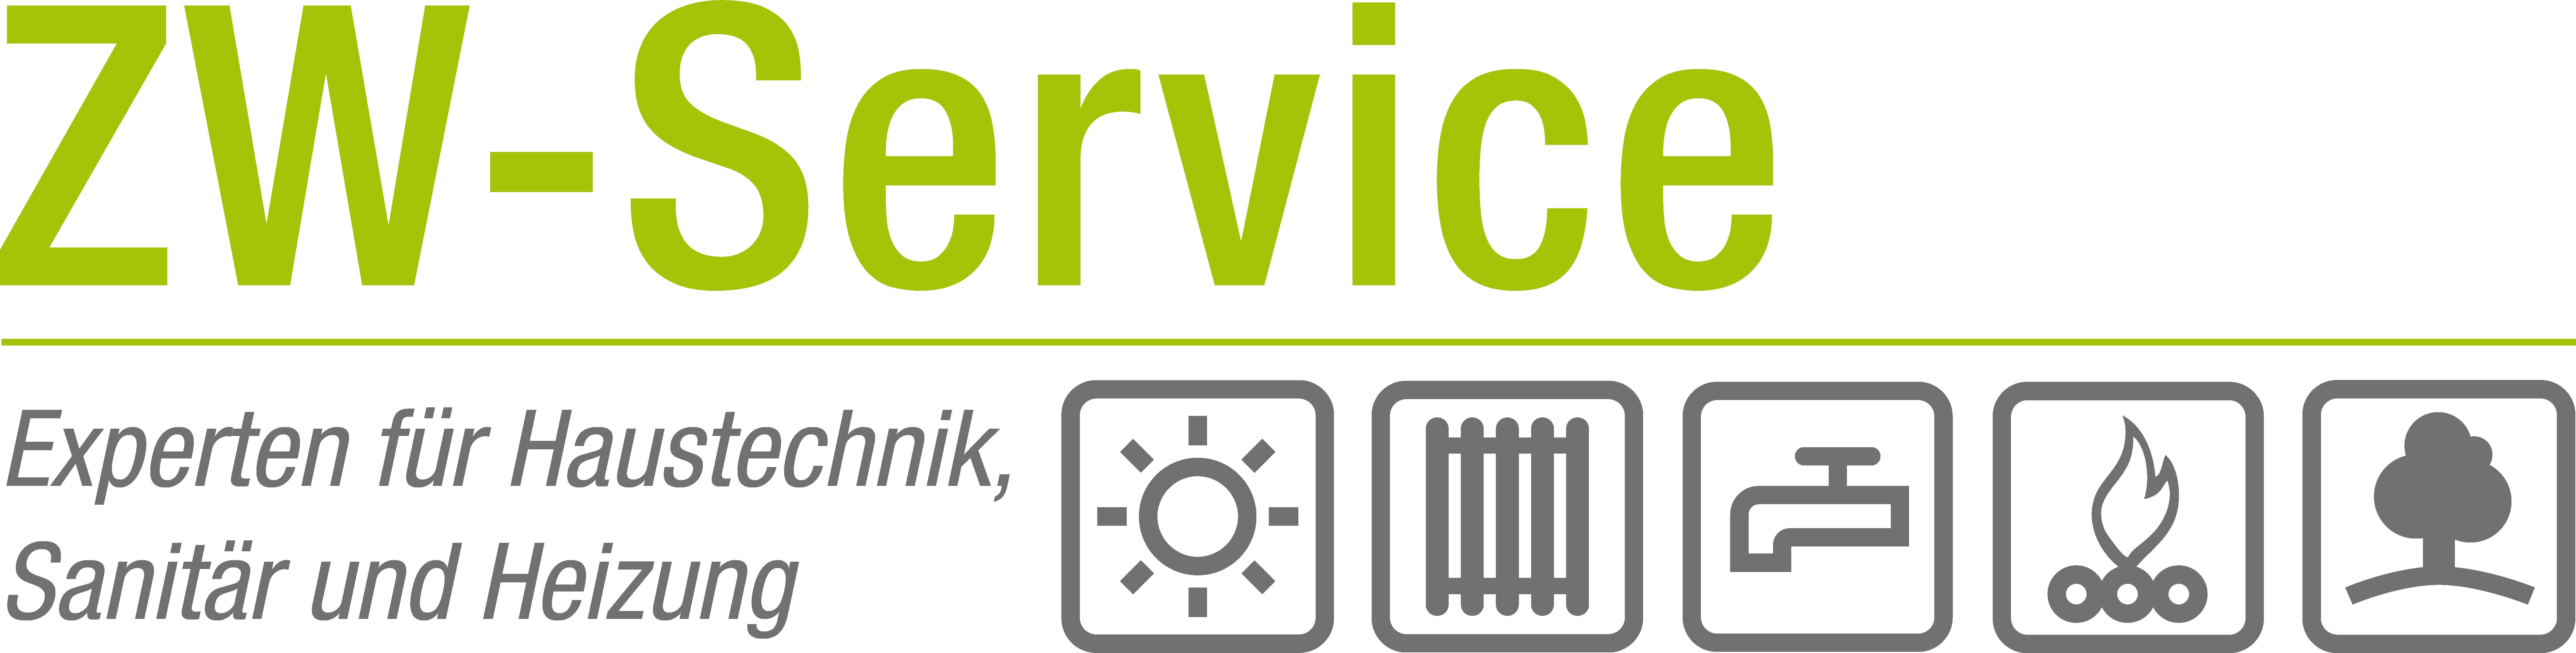 ZW-Service